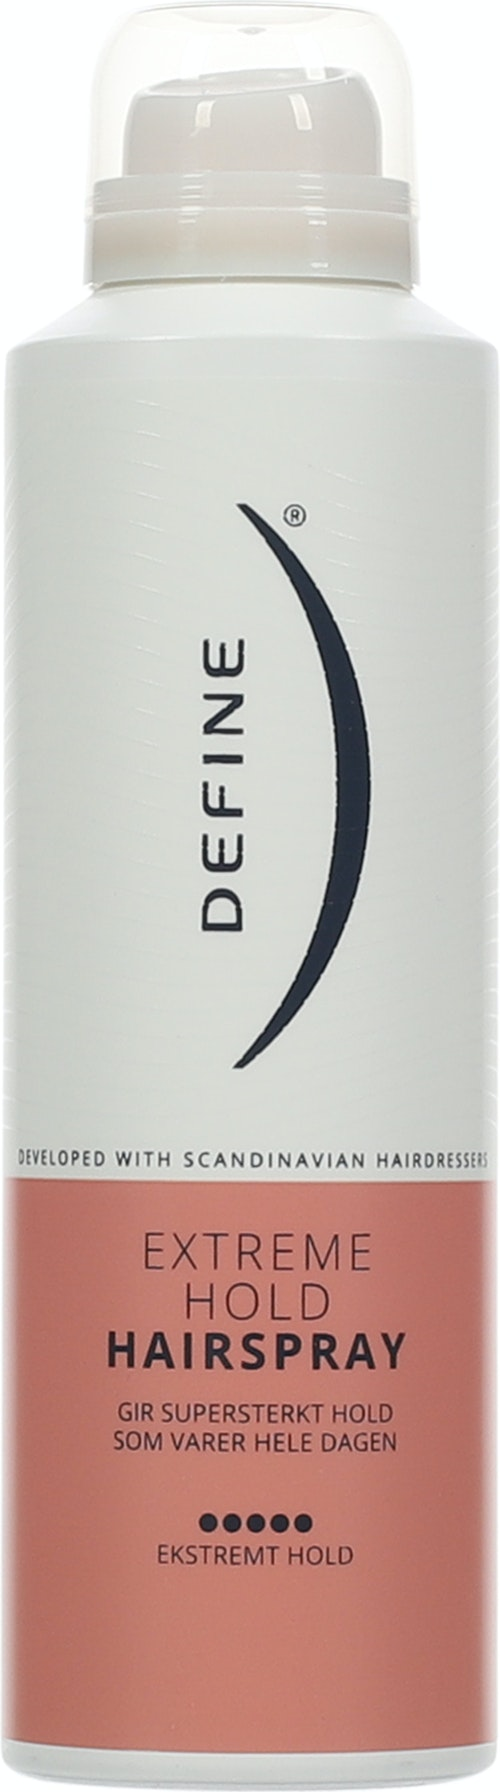 Define Hairspray Extreme Hold, 200 ml